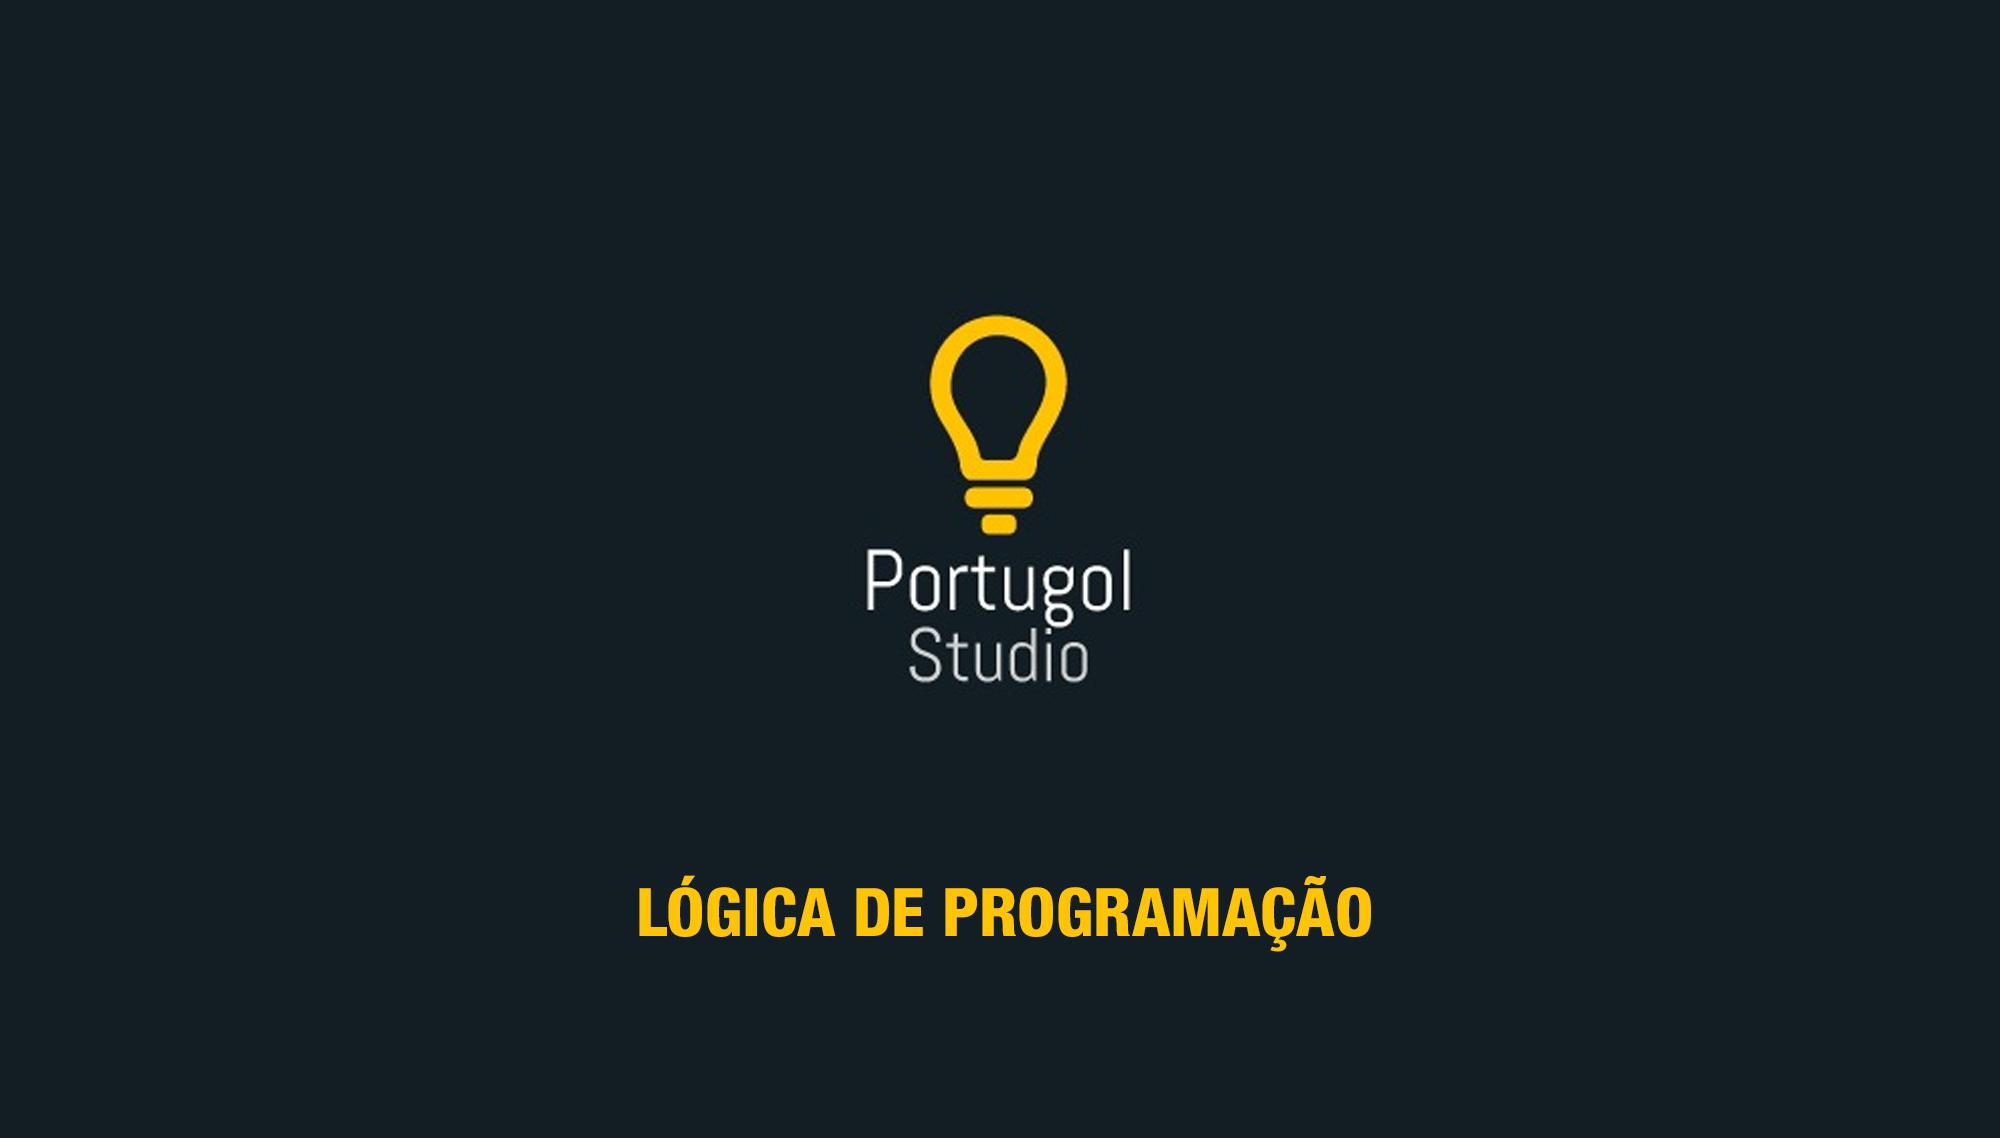 Curso Lógica de Programação com Portugol